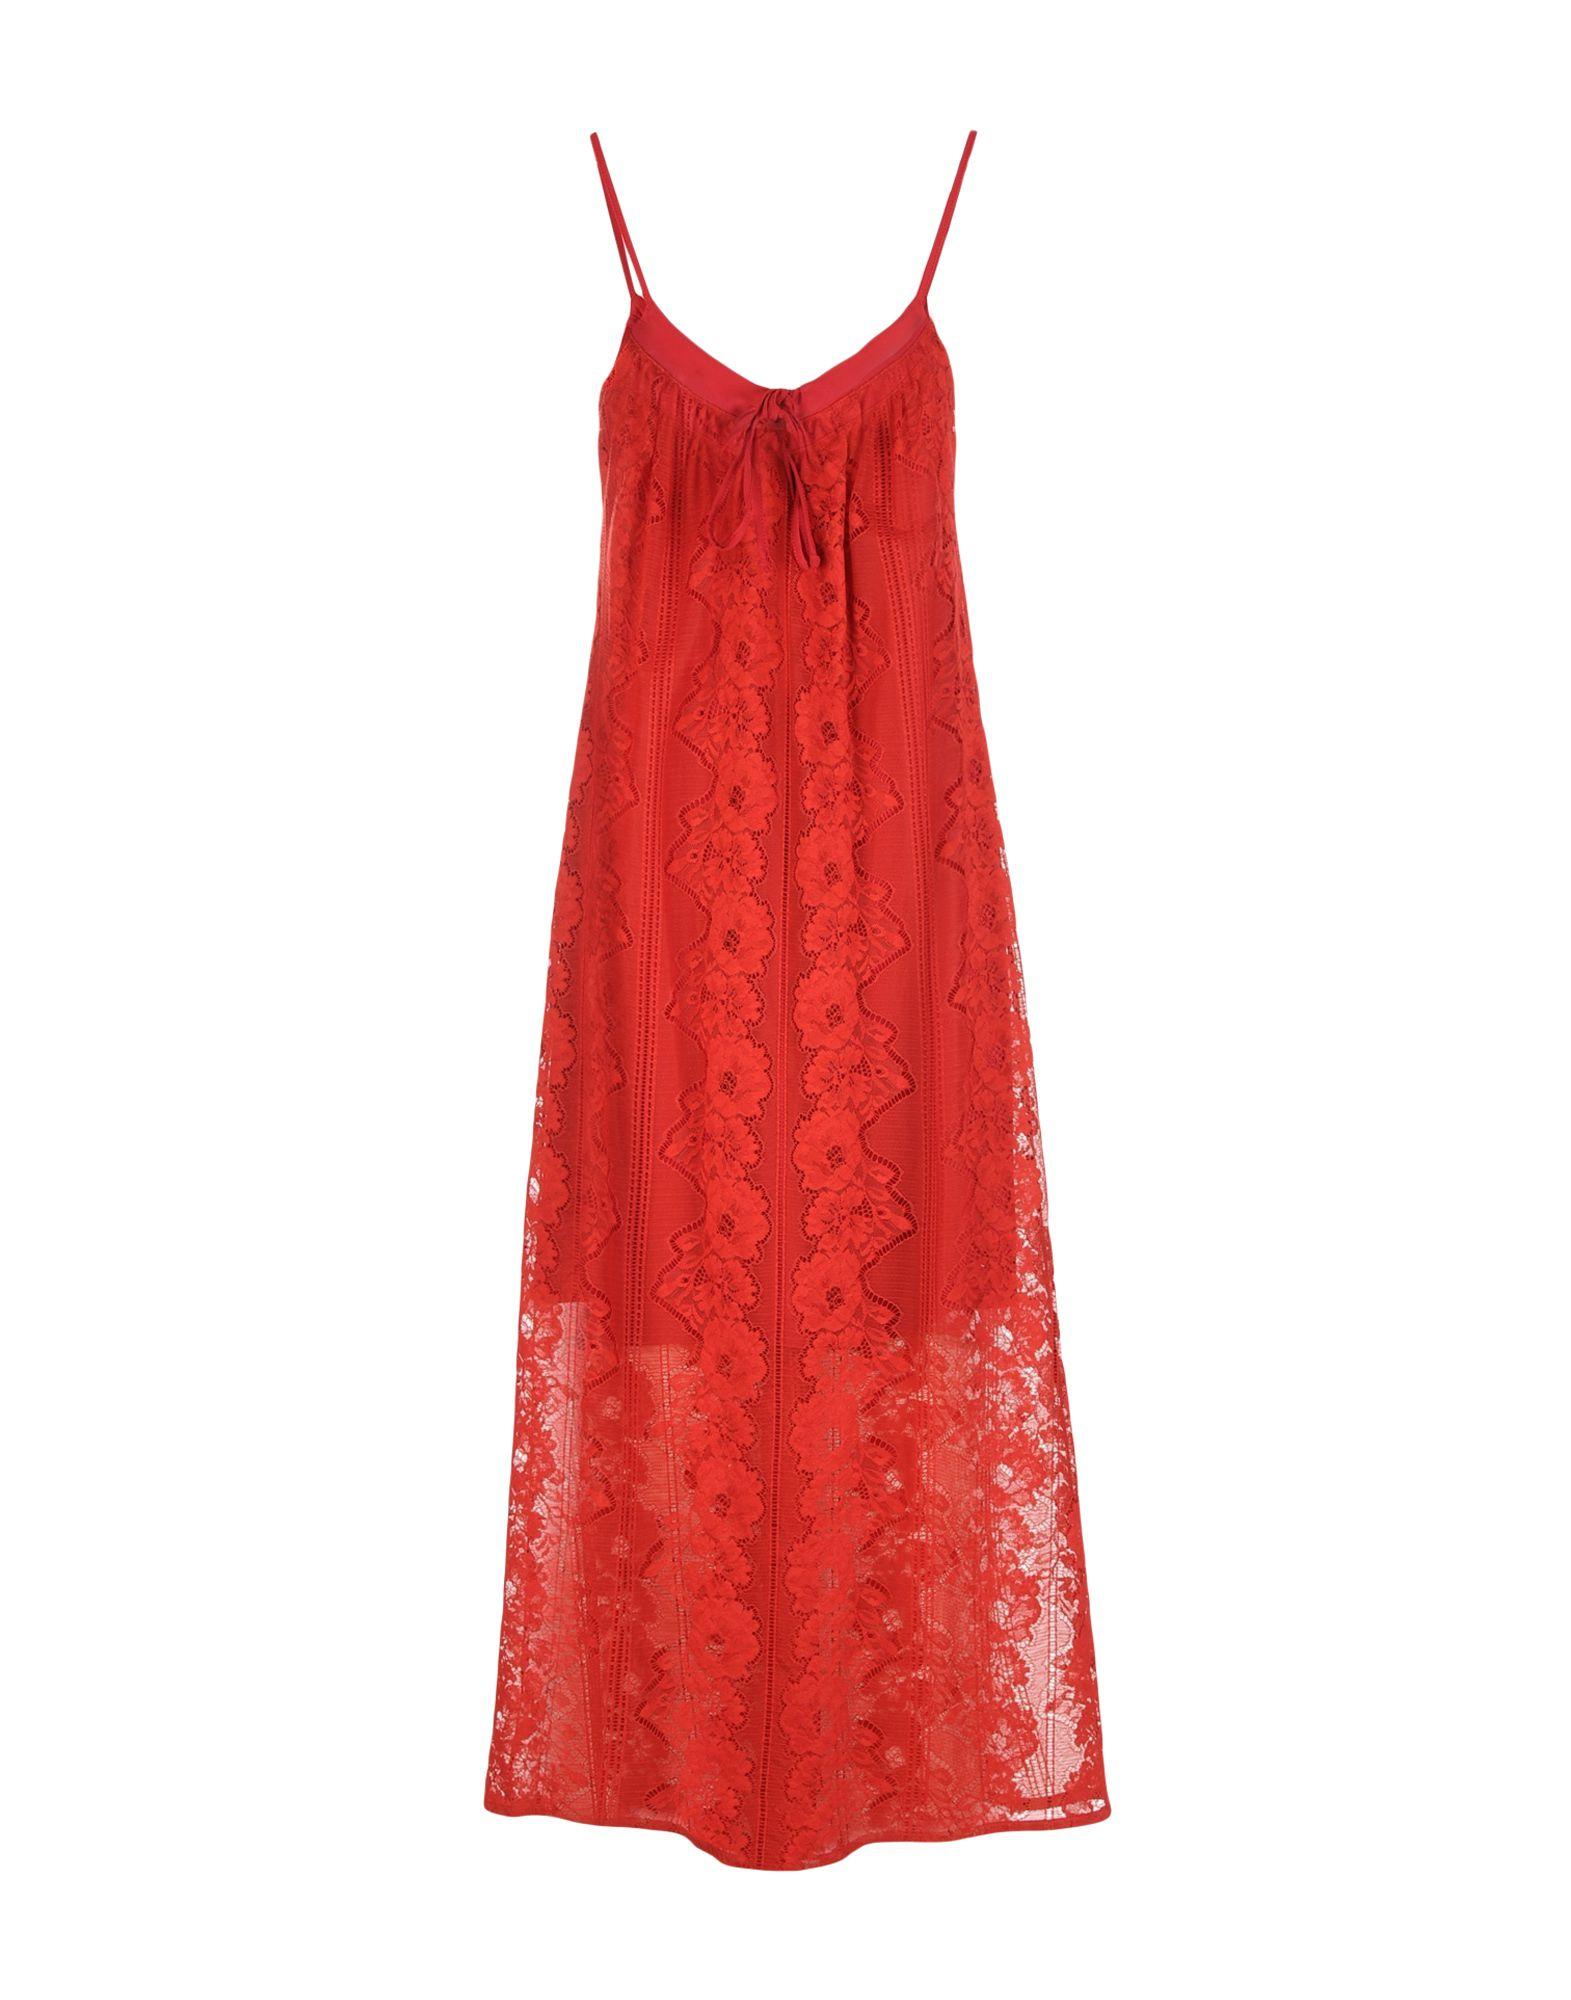 RUE•8ISQUIT Платье длиной 3/4 8 платье длиной 3 4